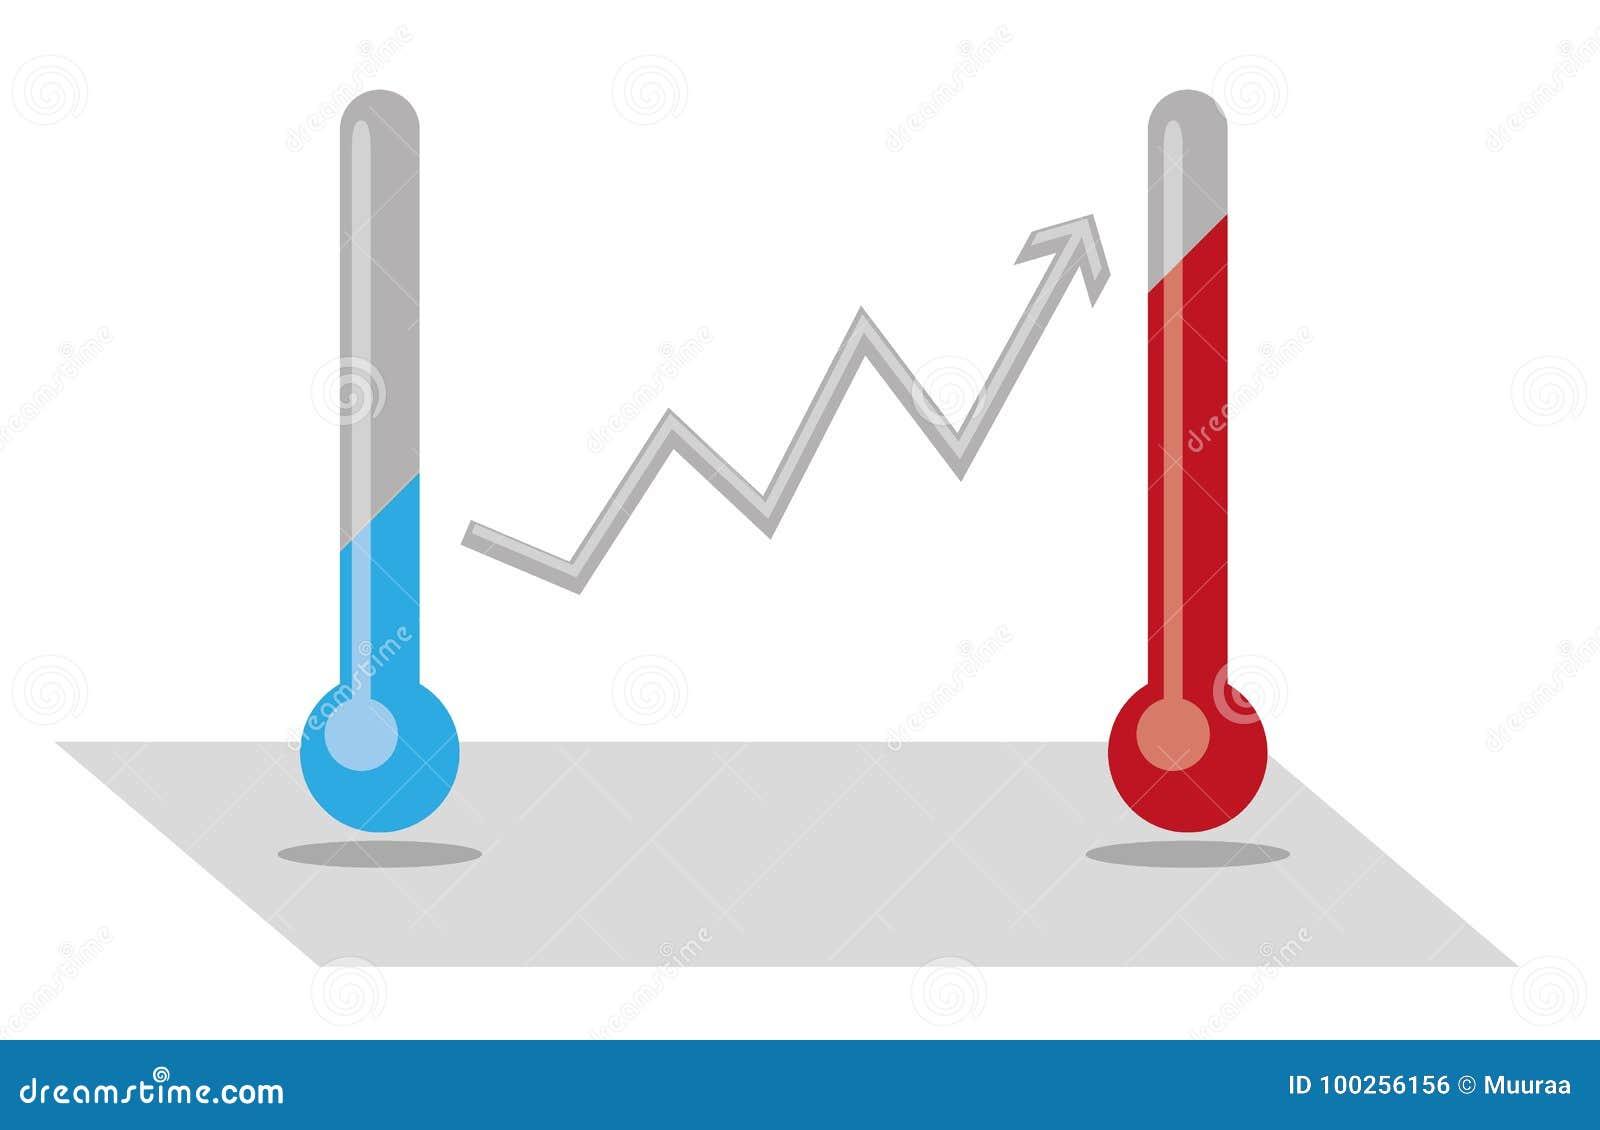 Clima Cambiante Con Il Termometro Illustrazione Vettoriale Illustrazione Di Isolato Fusione 100256156 Ya no tenemos tienda física. https it dreamstime com clima cambiante con il termometro image100256156